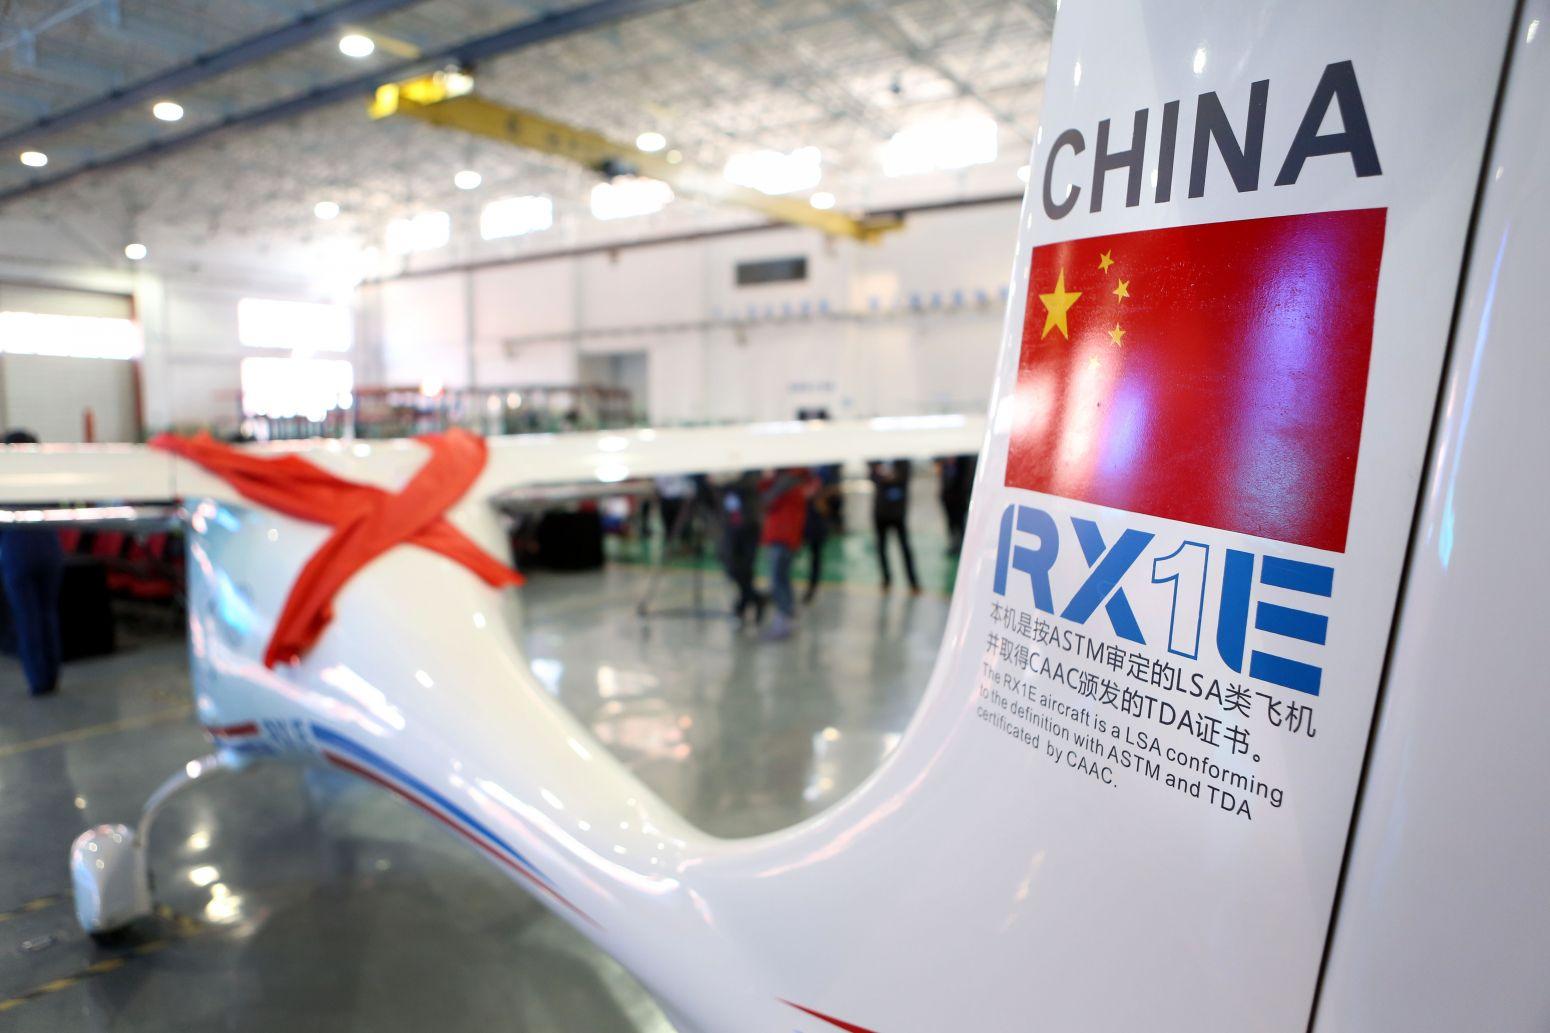 2月6日拍摄的rx1e锐翔双座电动轻型飞机局部.新华社